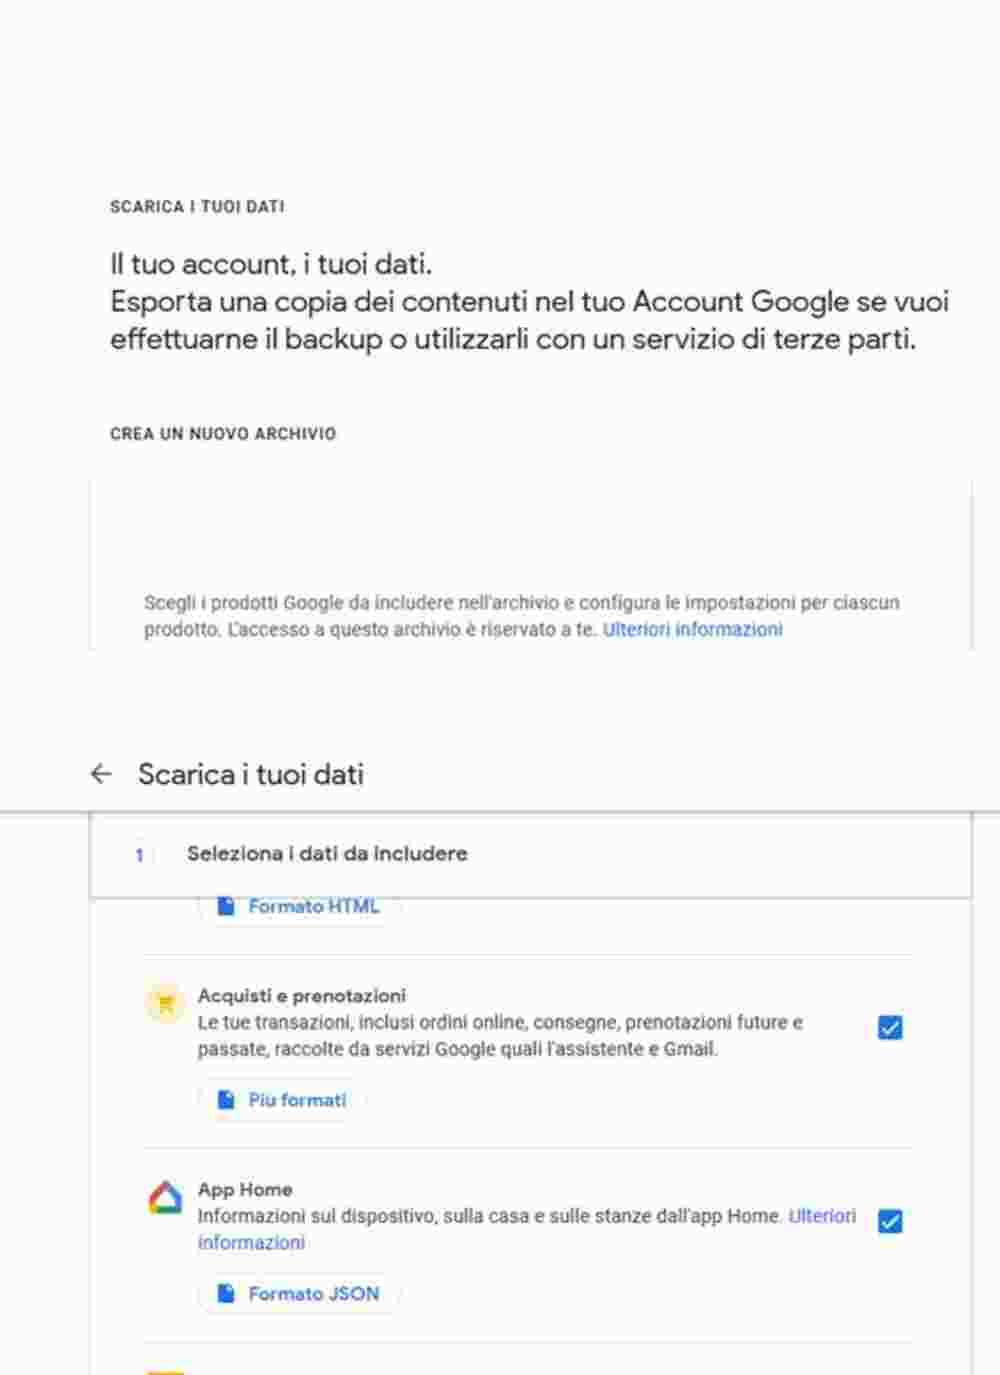 google plus scaricari dati - Google Plus chiude: ecco come scaricare i tuoi dati